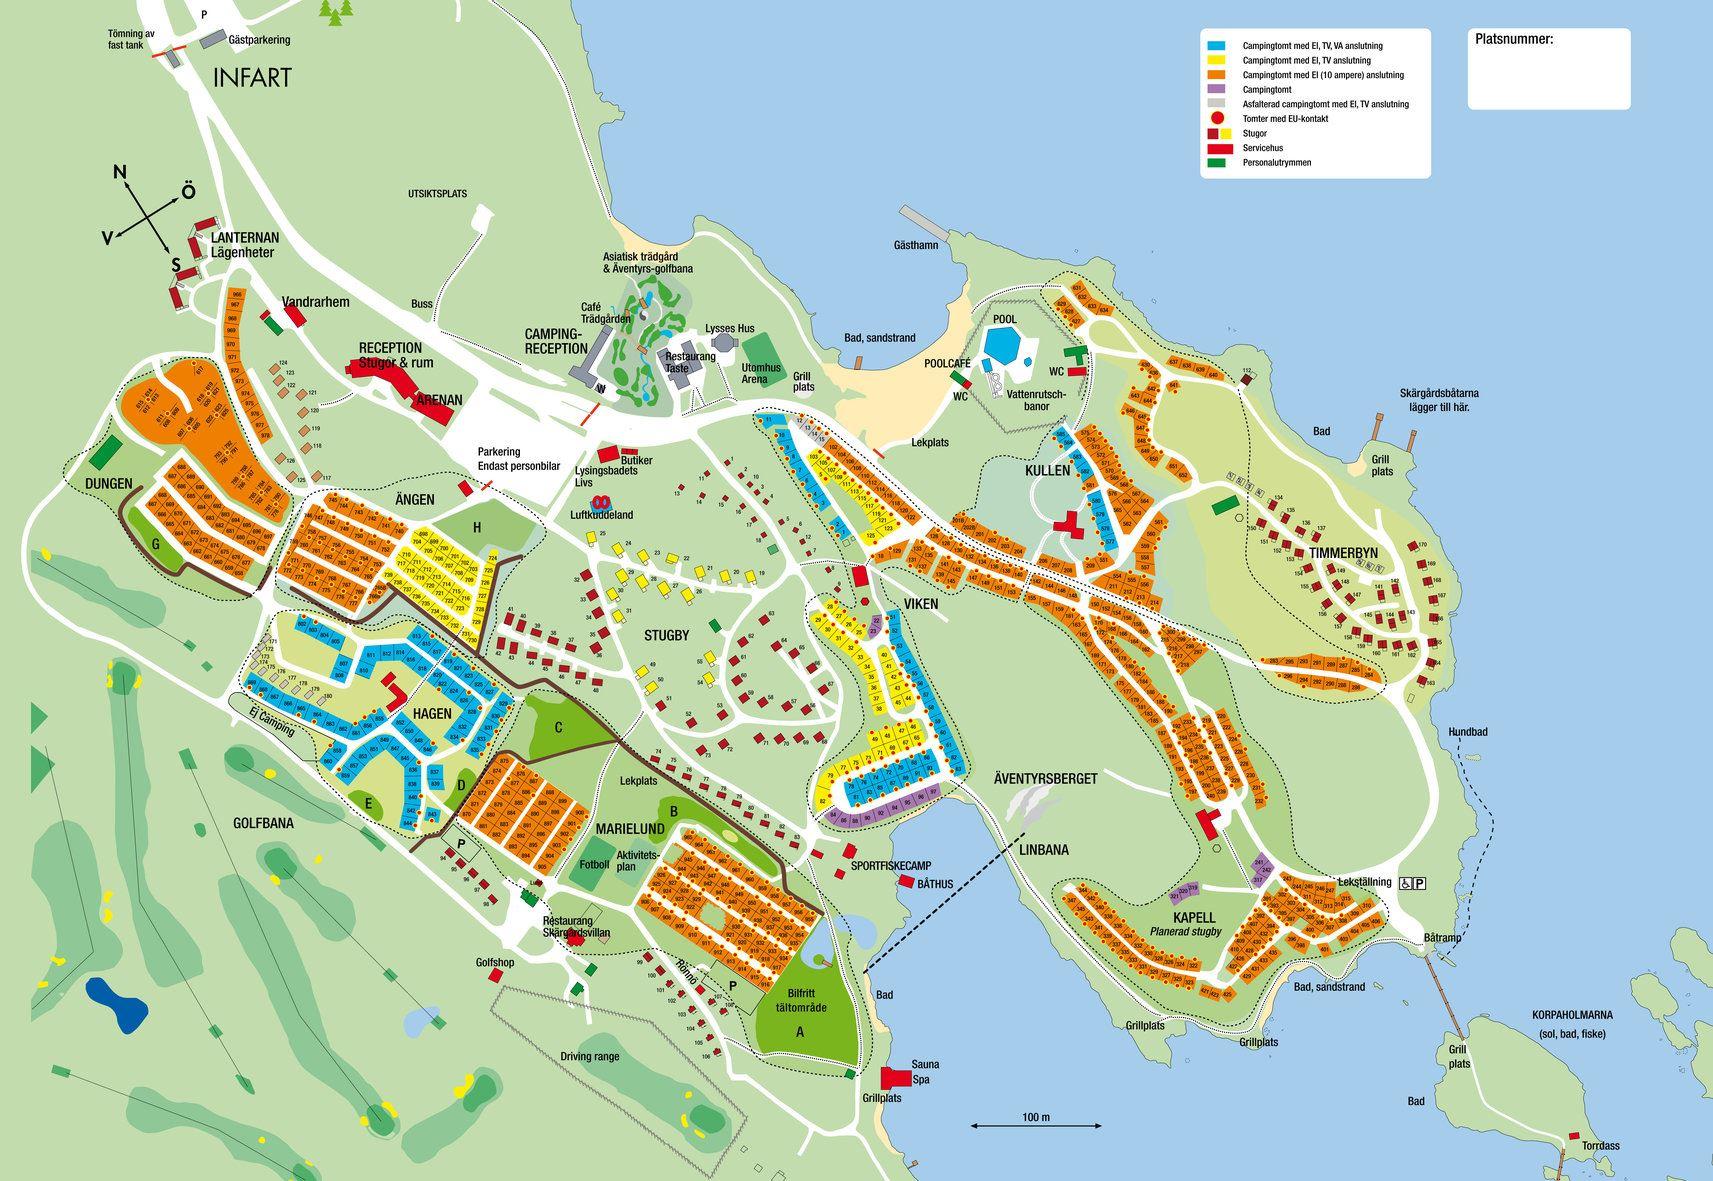 västervik karta Västervik Resort Camping, Accommodation details, Campingtomt